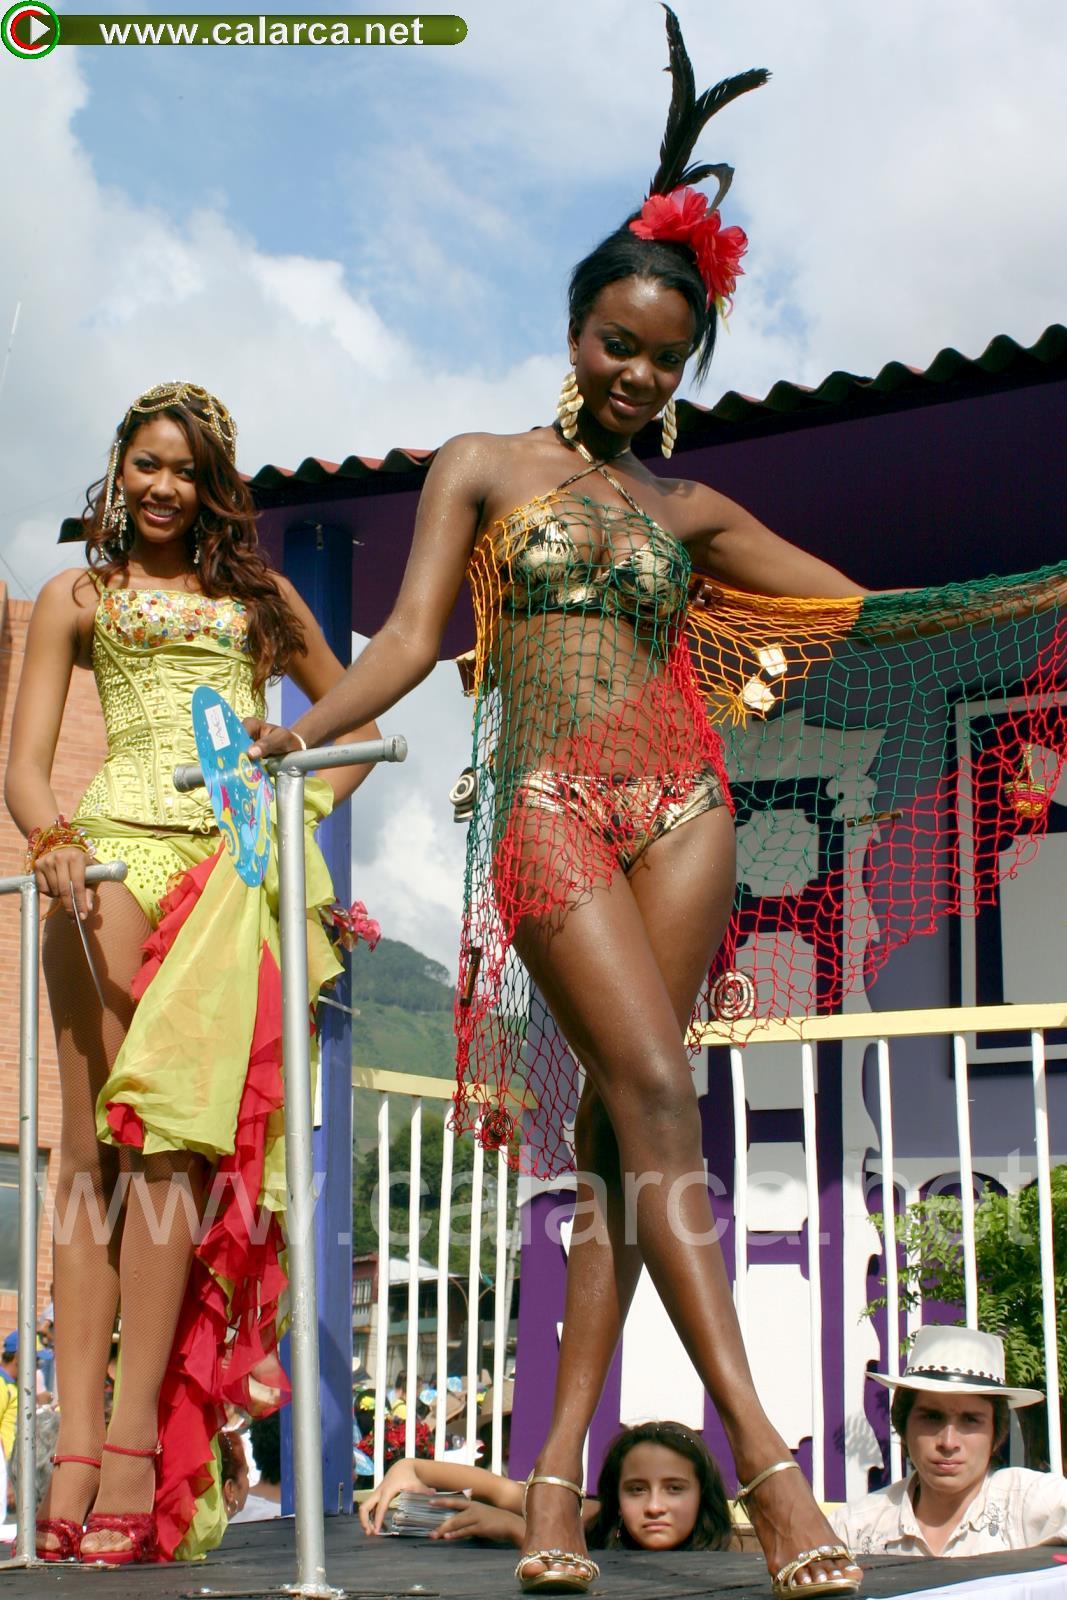 Cartagena de Indias, D. T. y C. – Élida Patricia Castro Herrera; Cauca - Karen Melissa Zúñiga